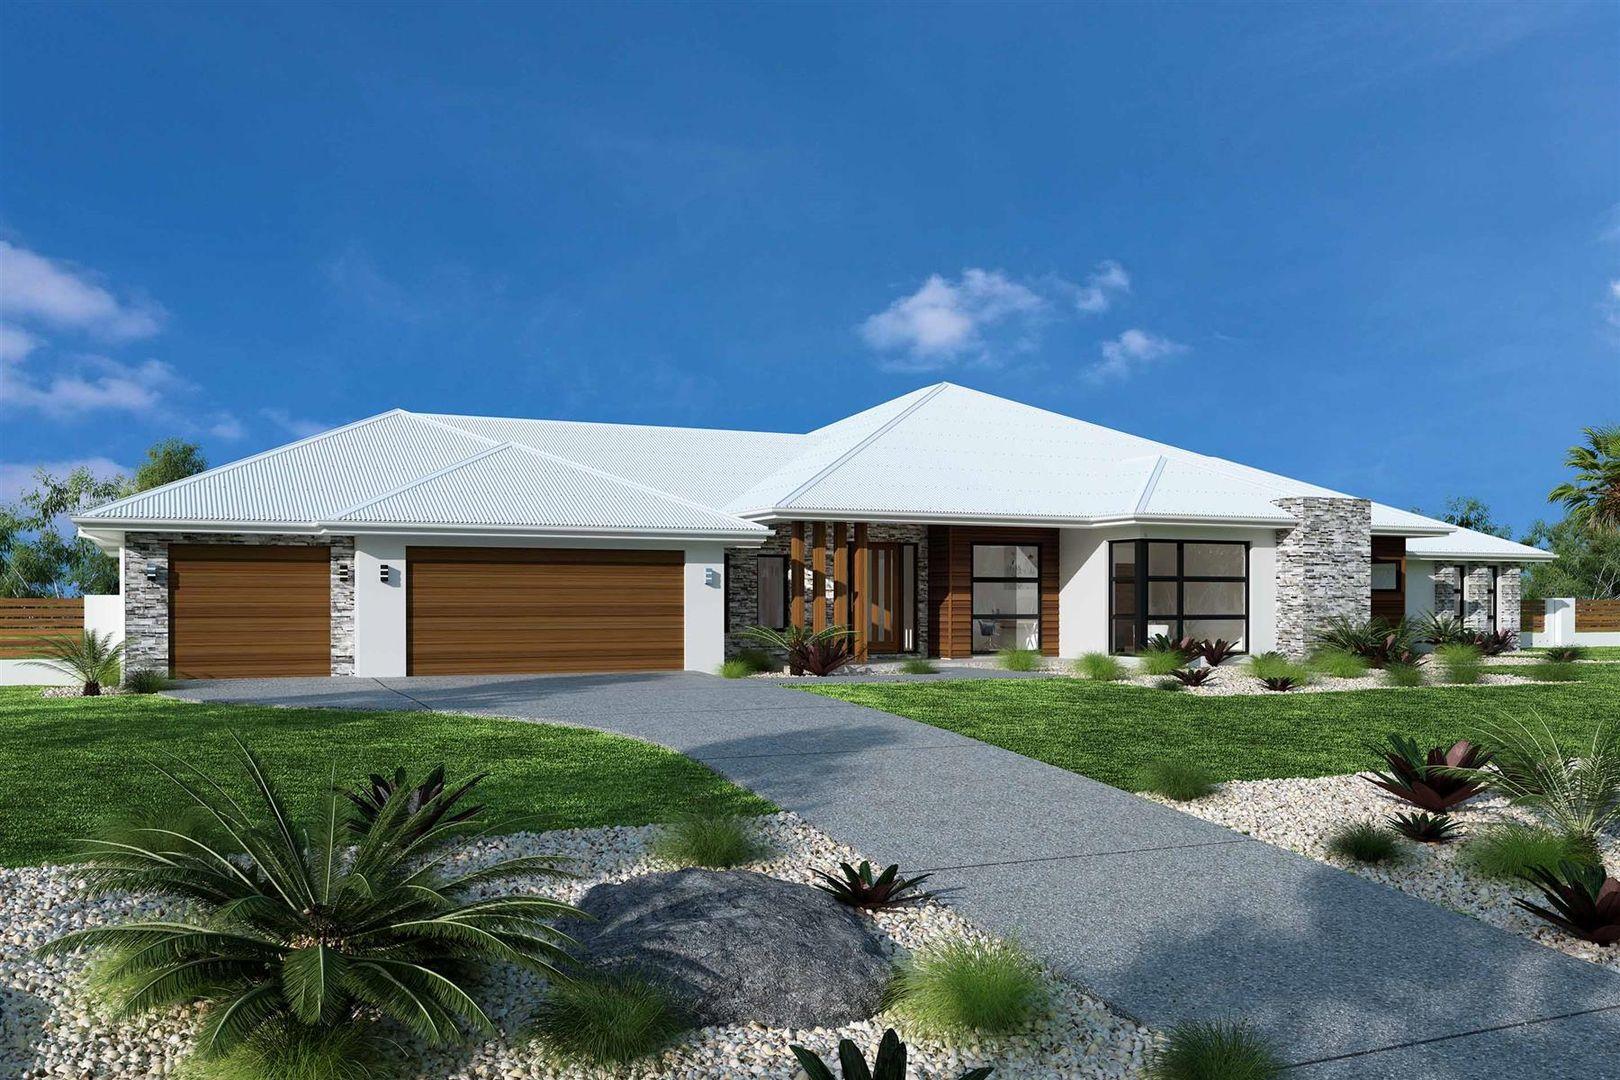 Lot 4, 312 Halcrows Road, Glenorie NSW 2157, Image 1